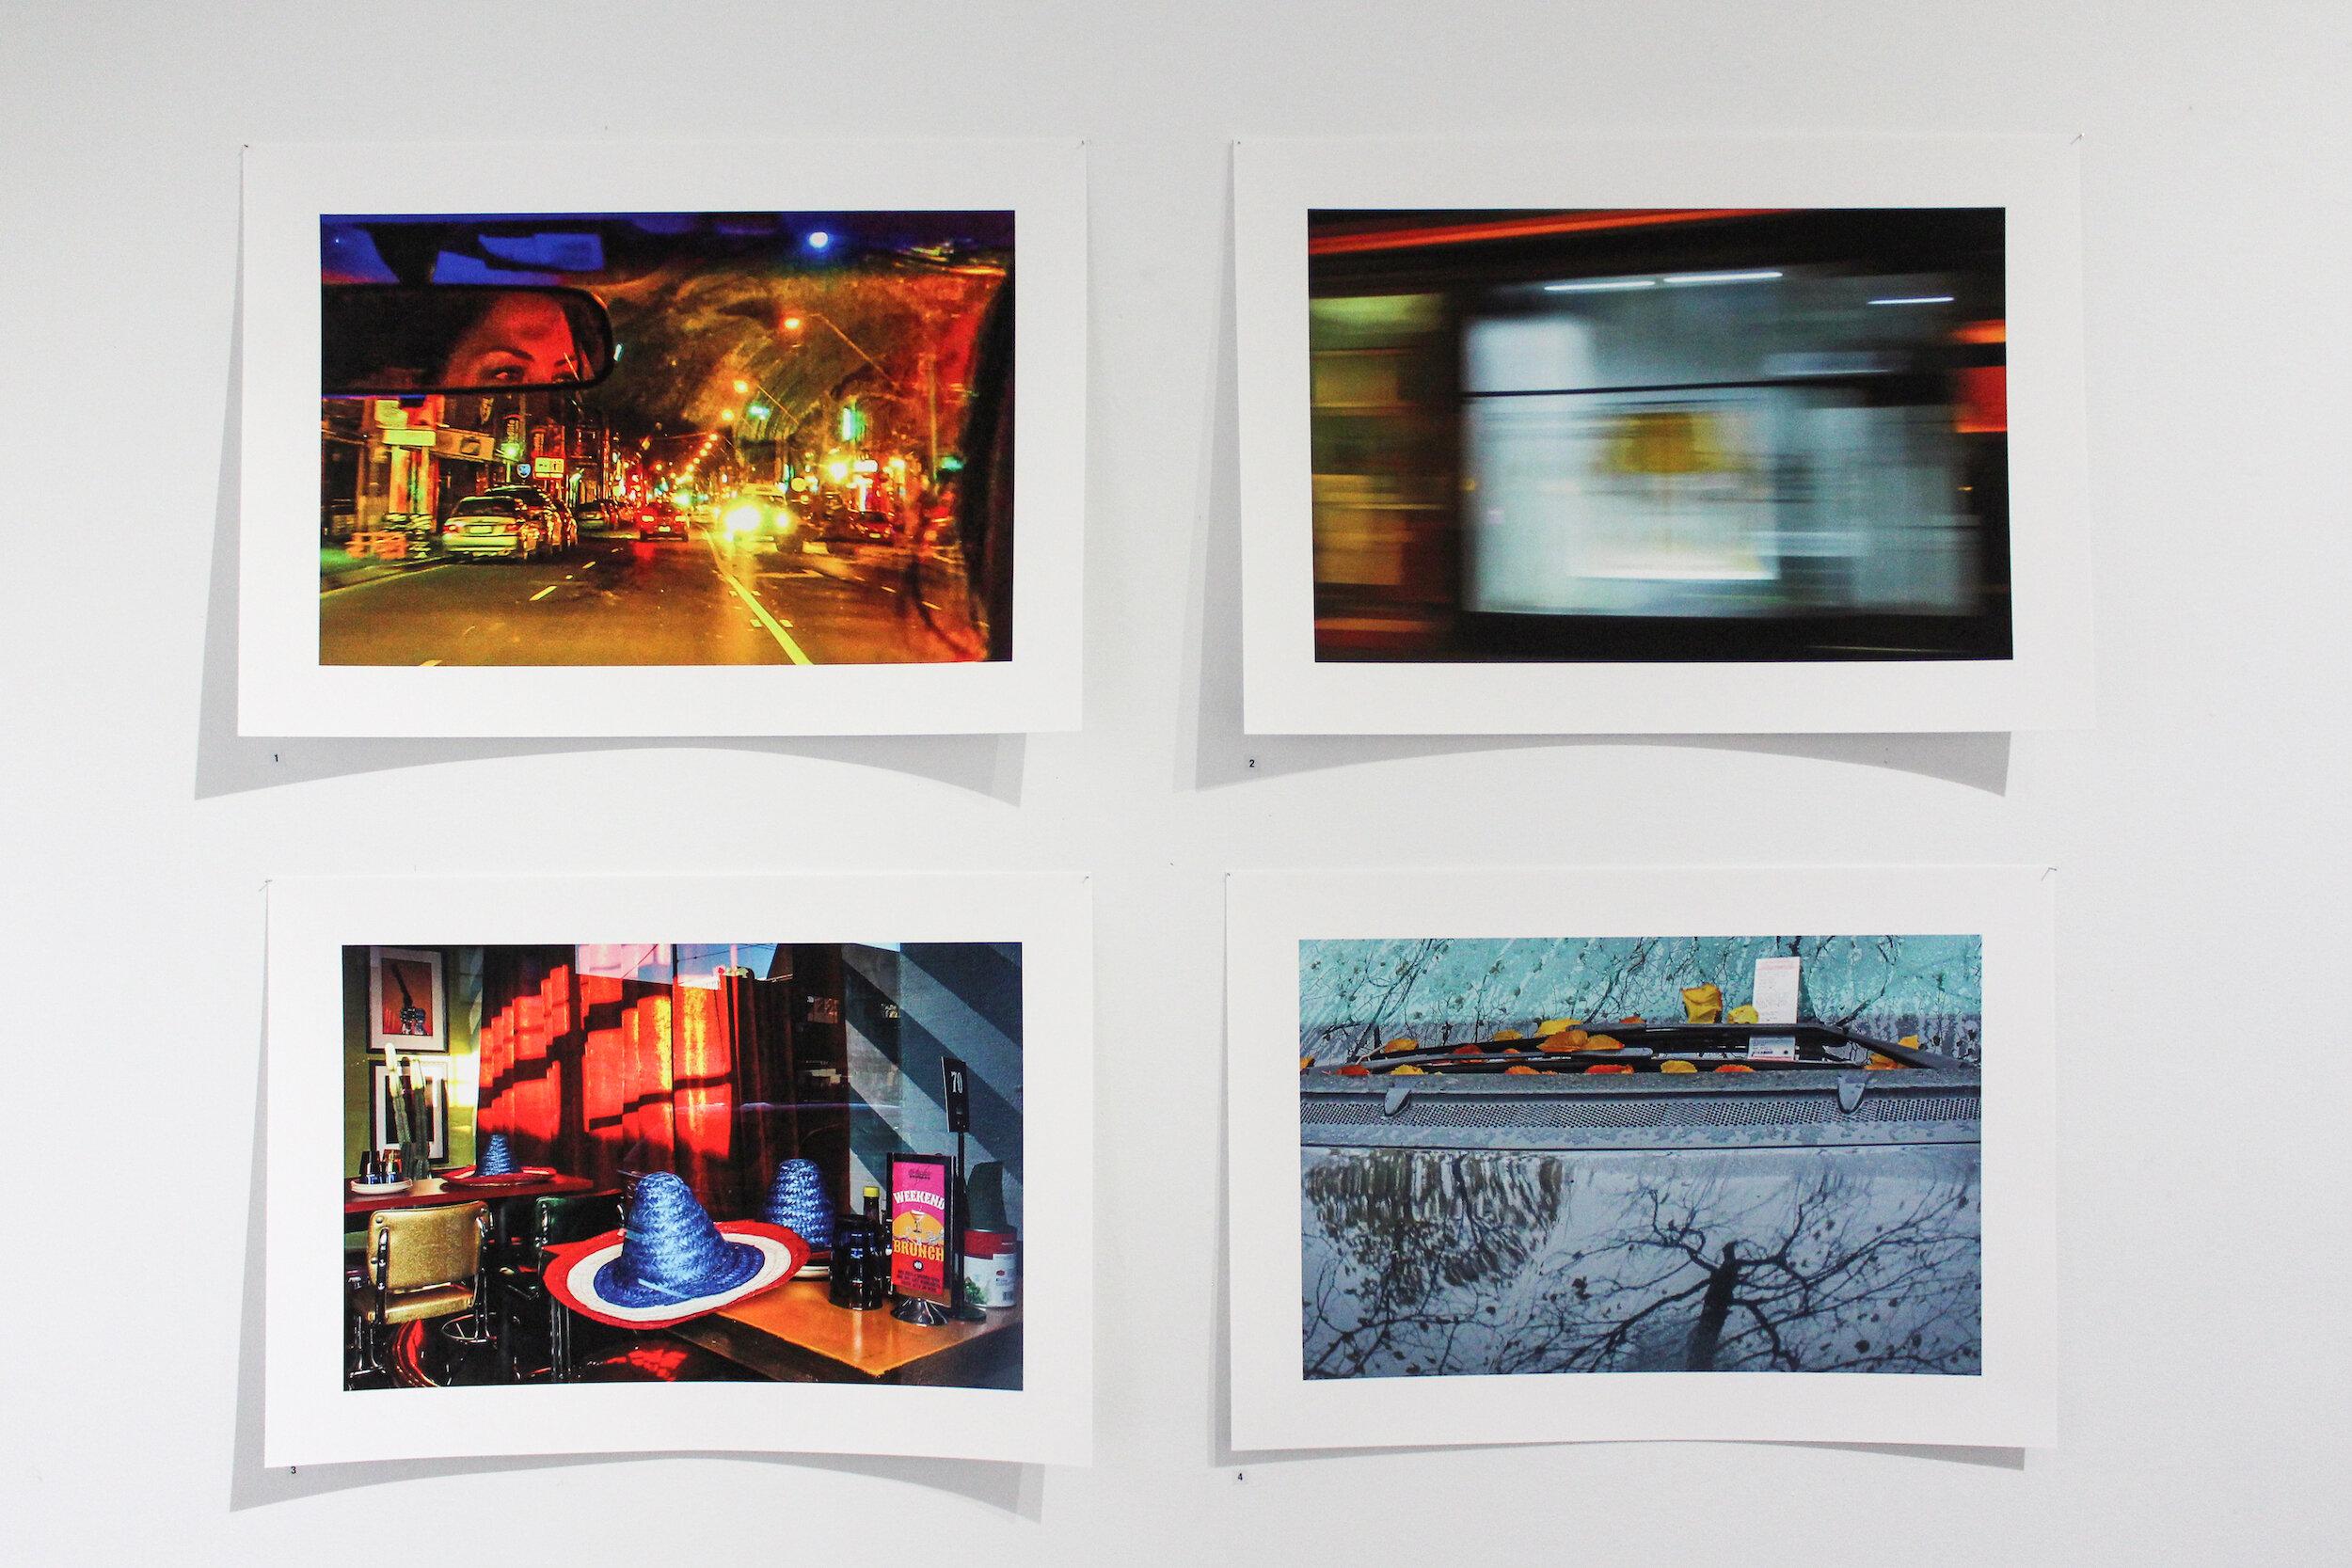 Tony Bajirnow.  Johnston Street , giclée print, 49 x 32cm;  Window   Blurs , giclée print, 49 x 32cm;  The   Restaurant , giclée print, 49 x 32cm;  Parking   Ticket , giclée print, 49 x 32cm